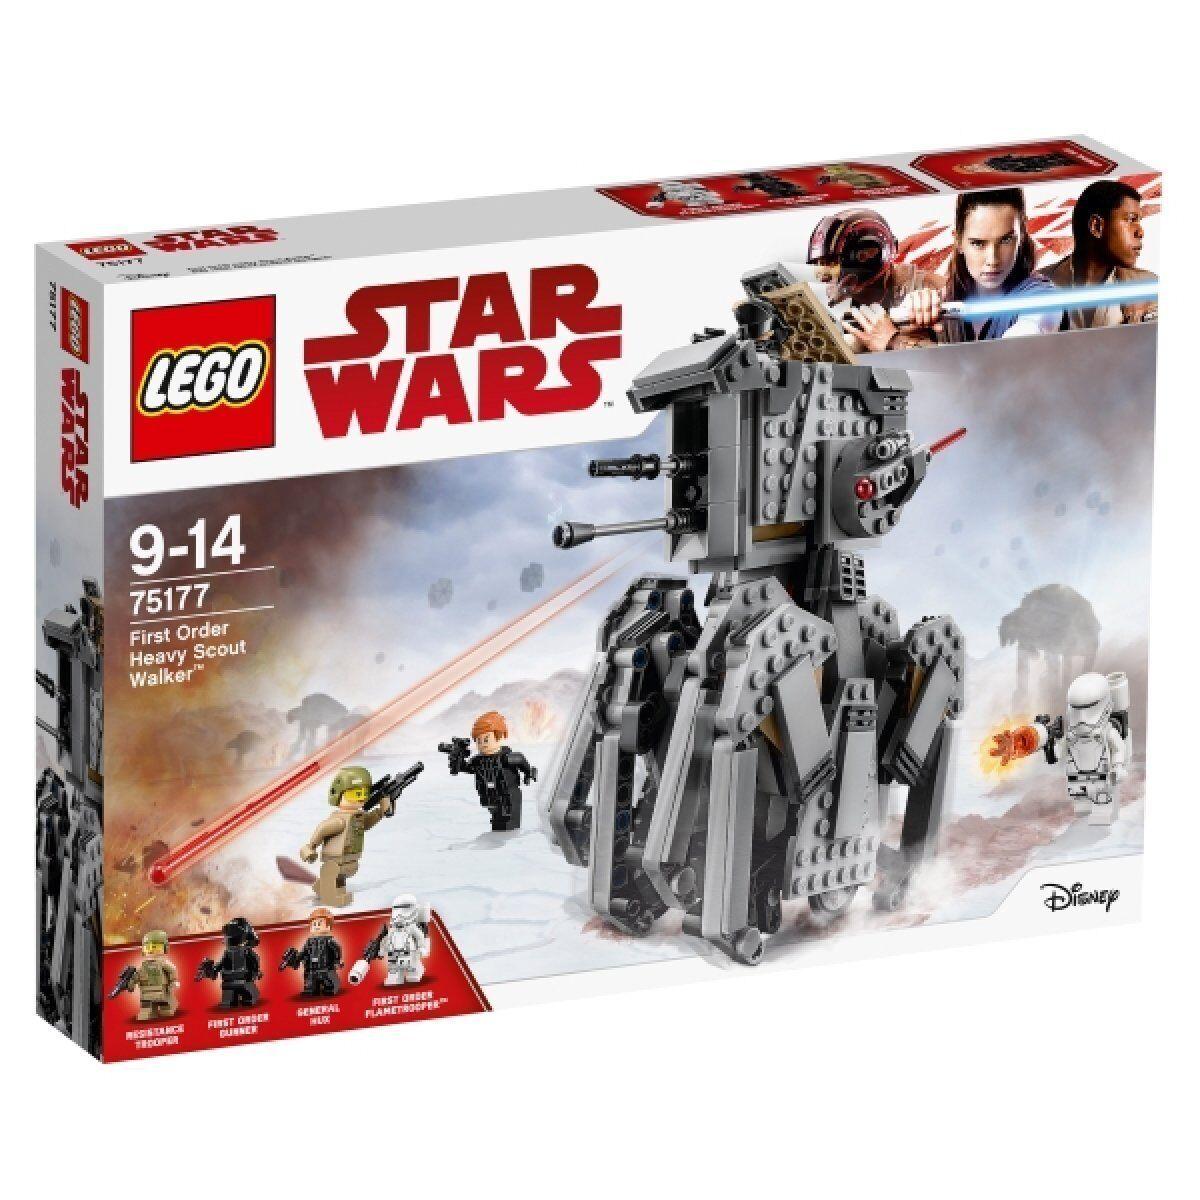 LEGO 75177 estrella guerras primero order Heavy Scout Walker  NUOVO OVP  all'ingrosso a buon mercato